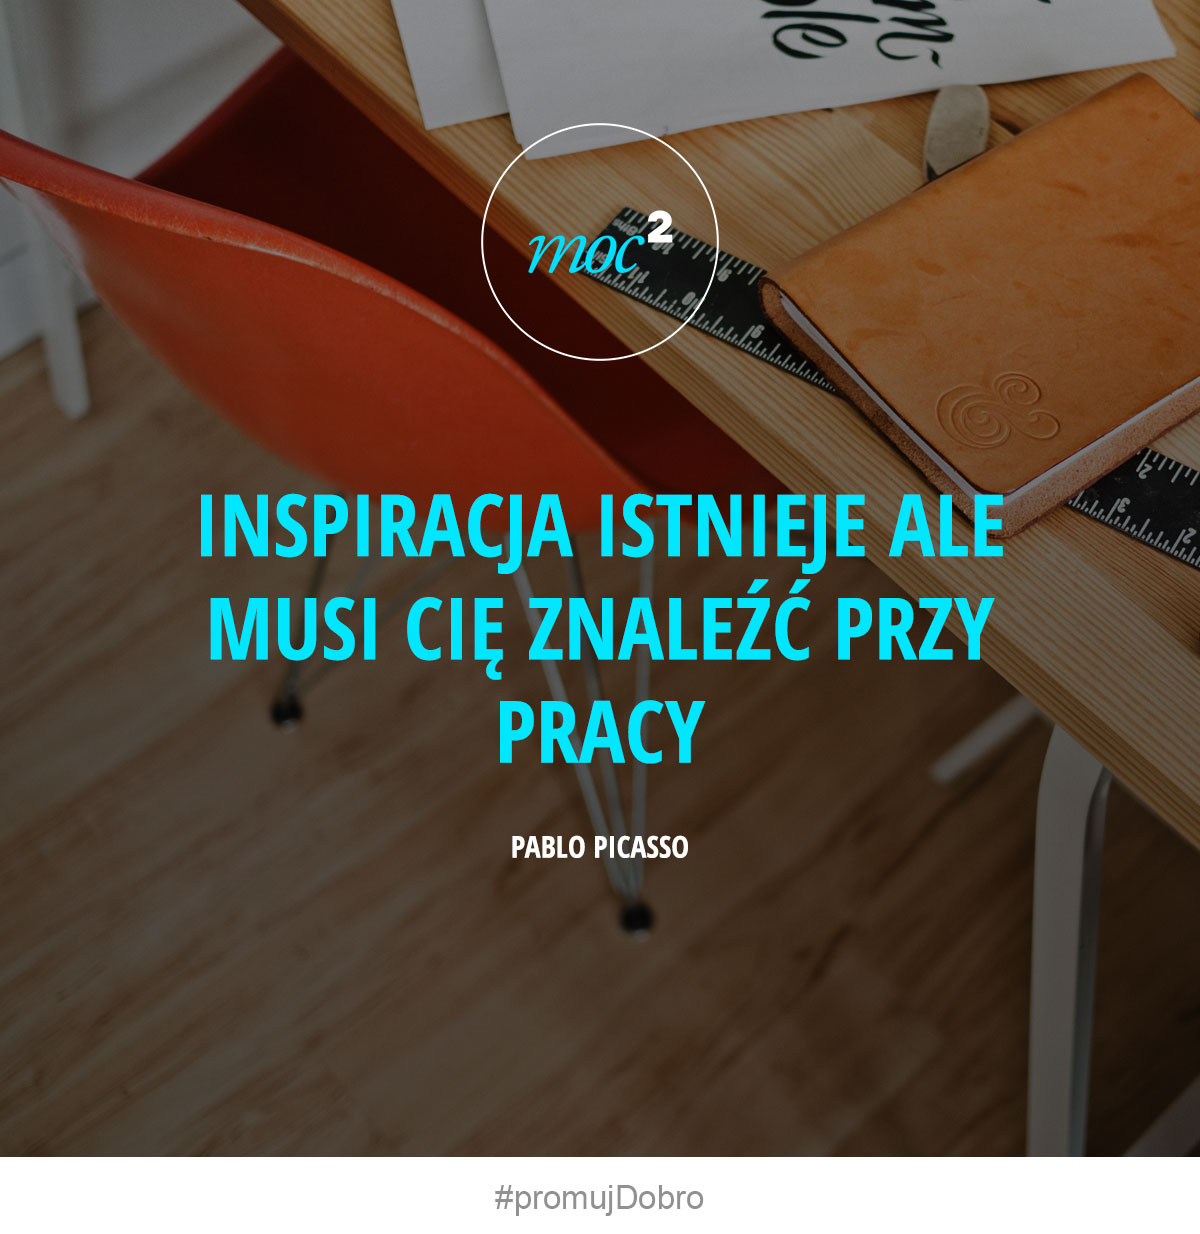 Inspiracja istnieje ale musi Cię znaleźć przy pracy. - Pablo Picasso